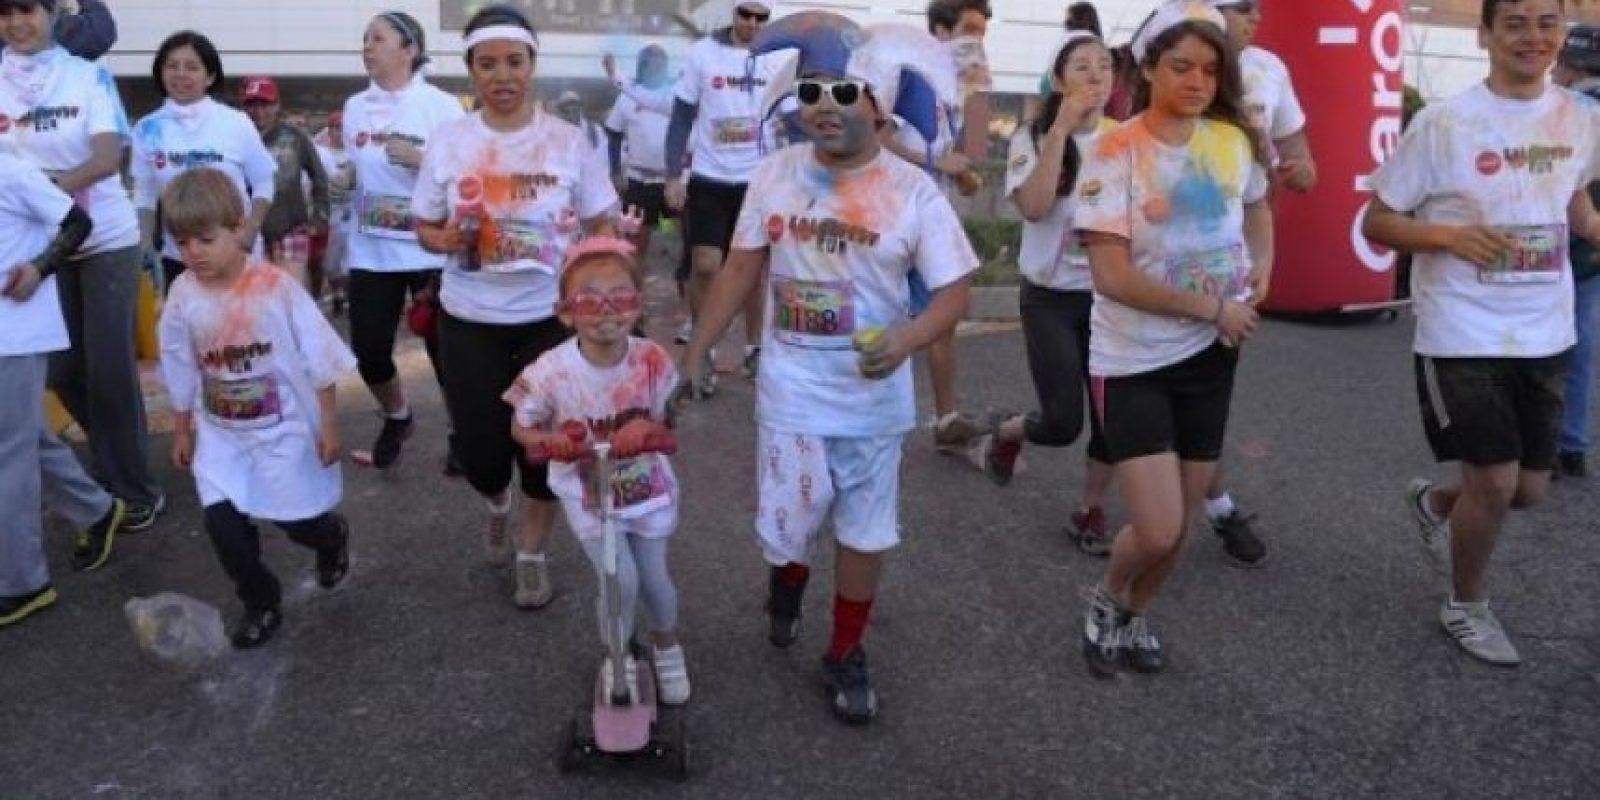 4Alegría. Disfrutaron en familia Grandes y chicos, incluso en sus patinetas, se dieron cita a esta fiesta del color que congregó a más de mil 500 personas. AFP